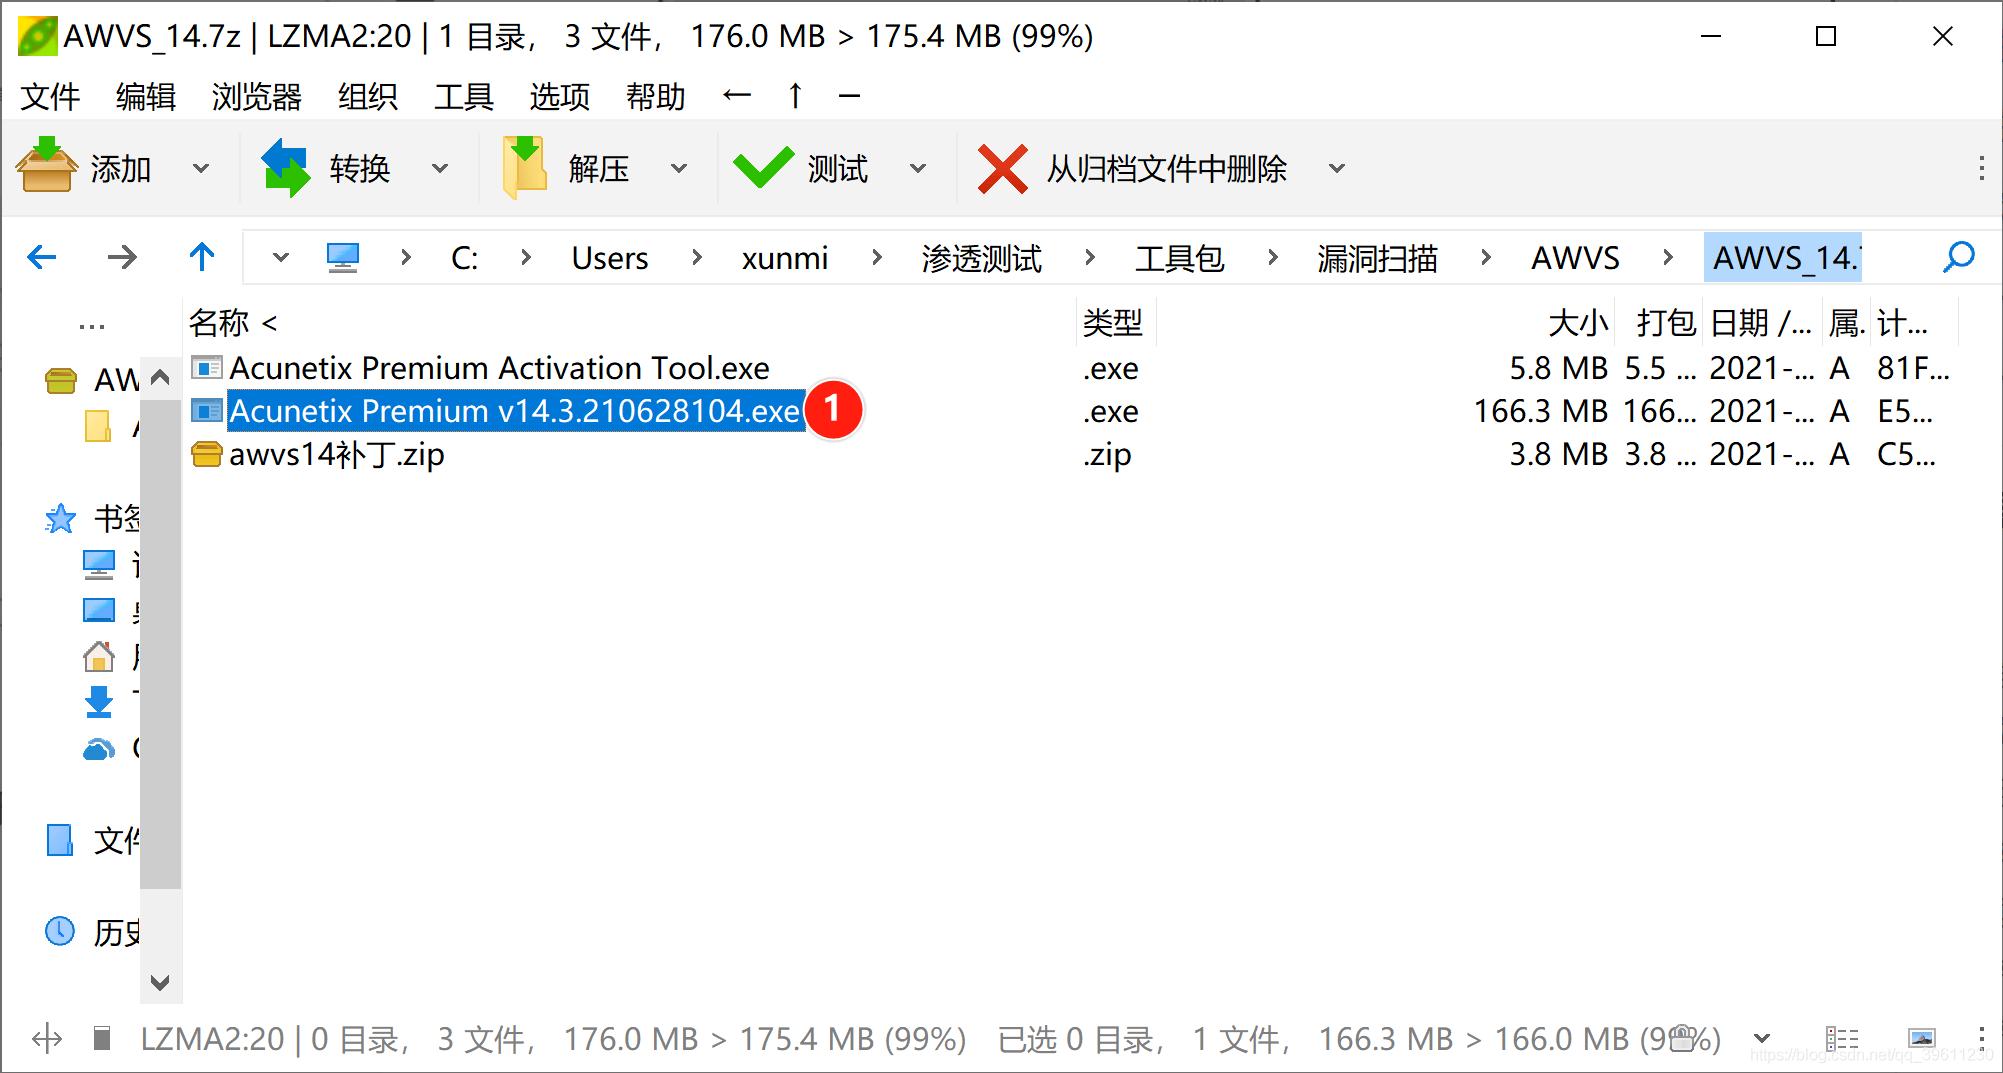 简单实用的漏洞扫描工具!(如何给单位做一个渗透测试/网络安全测试)?(๑•̀ㅂ•́)و✧ 演示篇